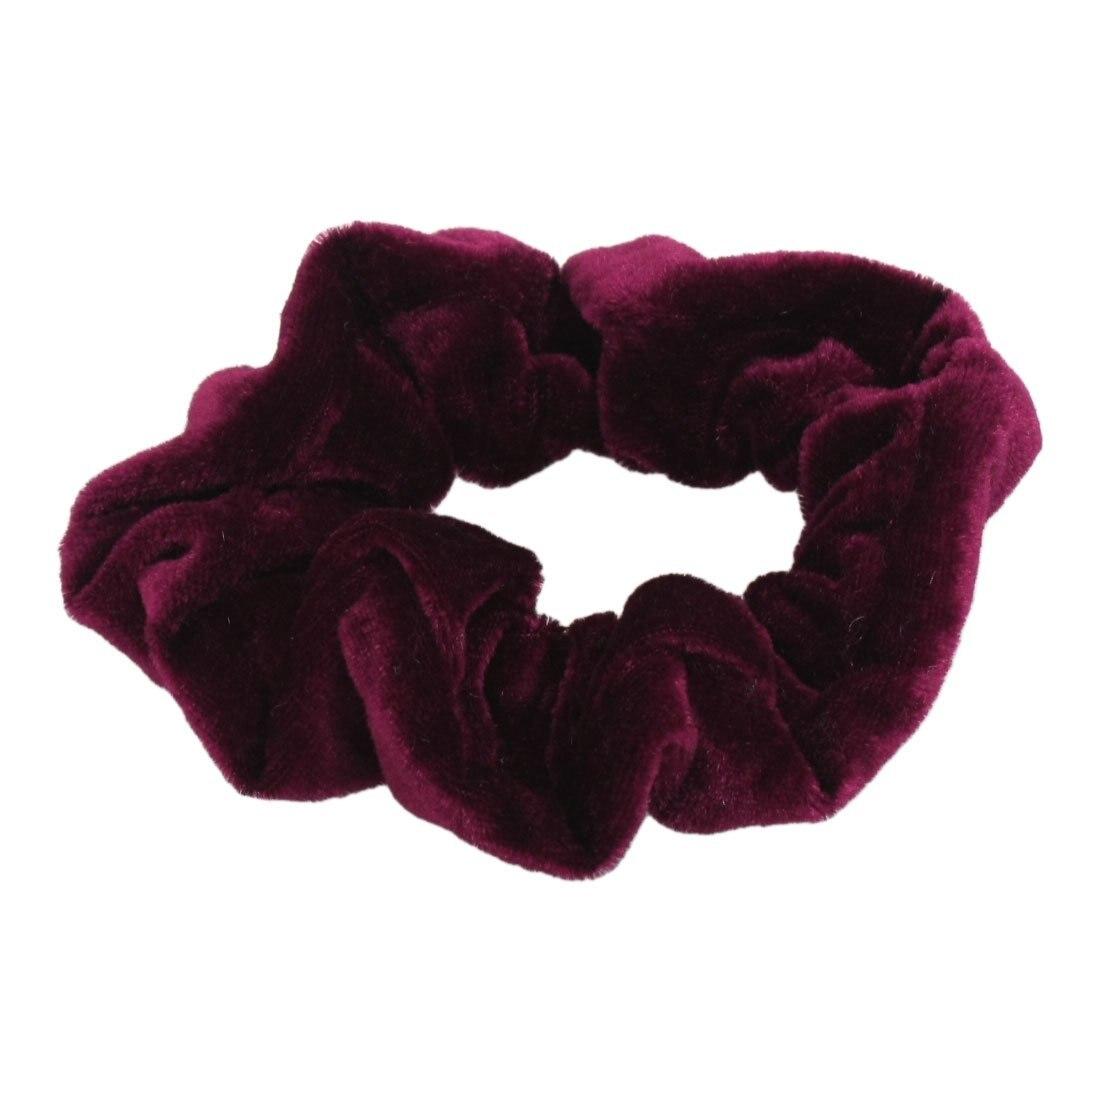 Burgundy Velvet Elastic Hair Tie Band Ponytail Holder for Women